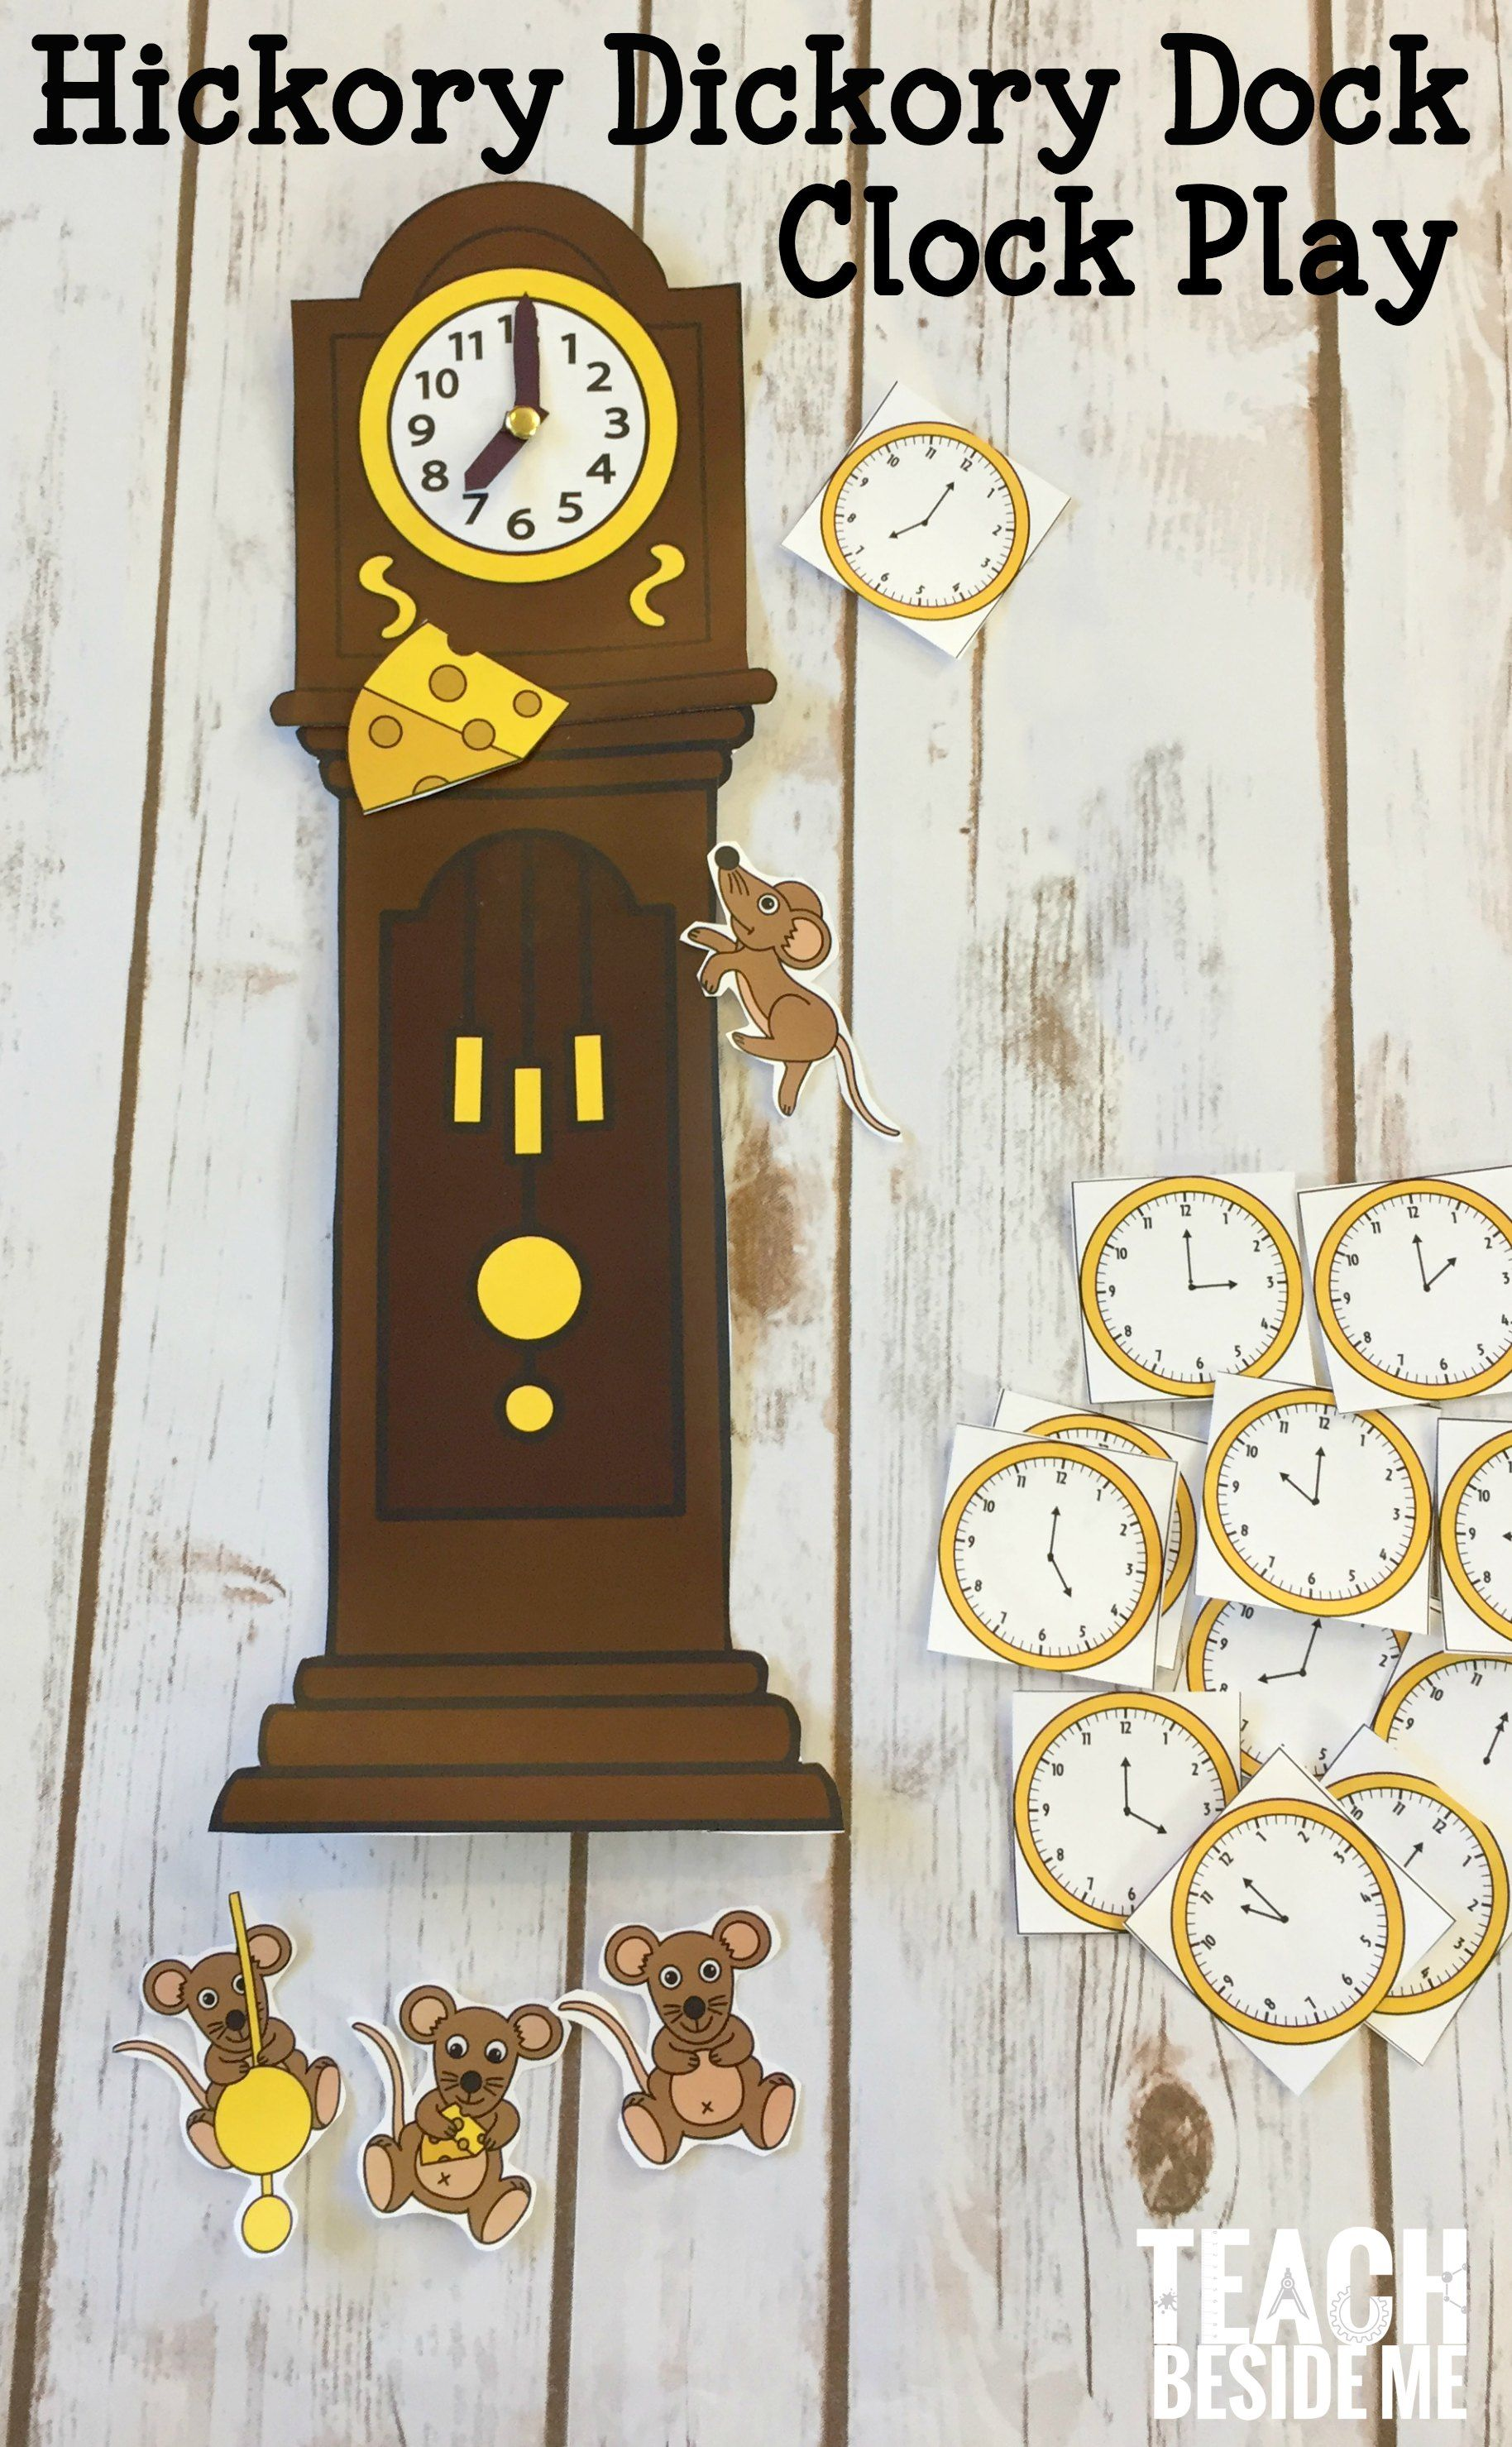 Hickory Dickory Dock Clock Play